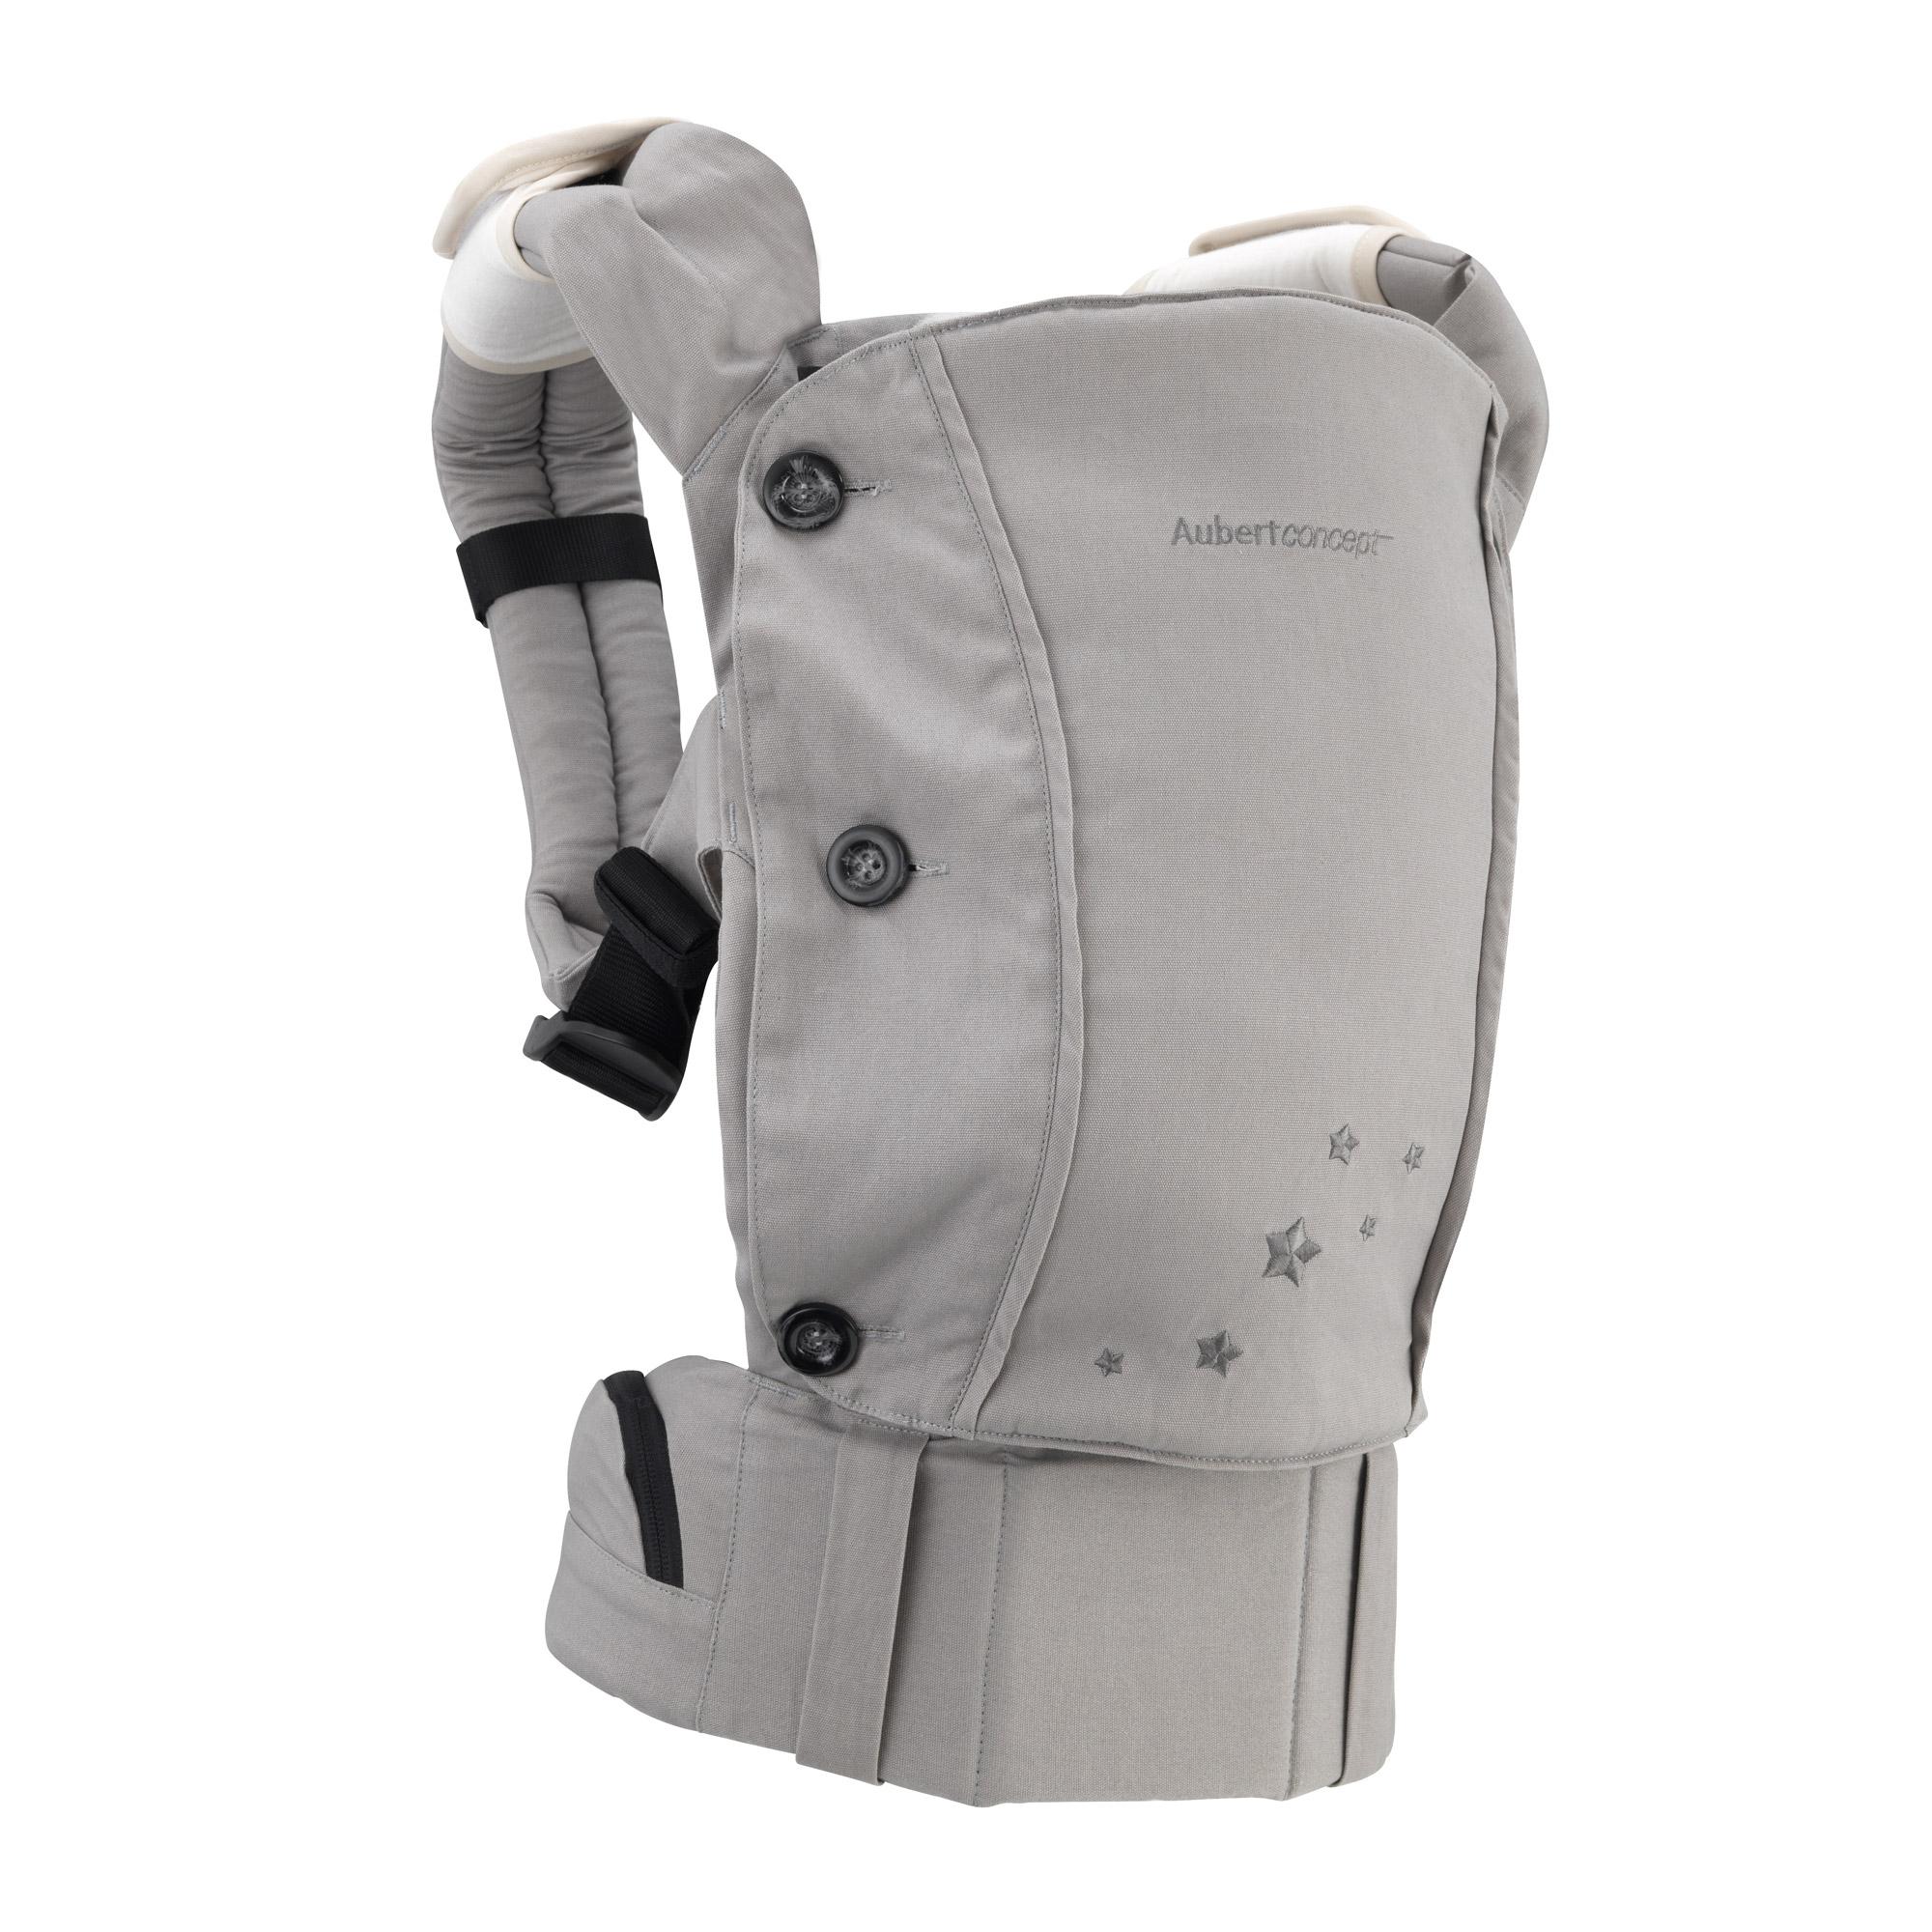 1d4357a83251 Porte-bébé ergonomique Gris de Aubert concept, Porte bébé ventral ...